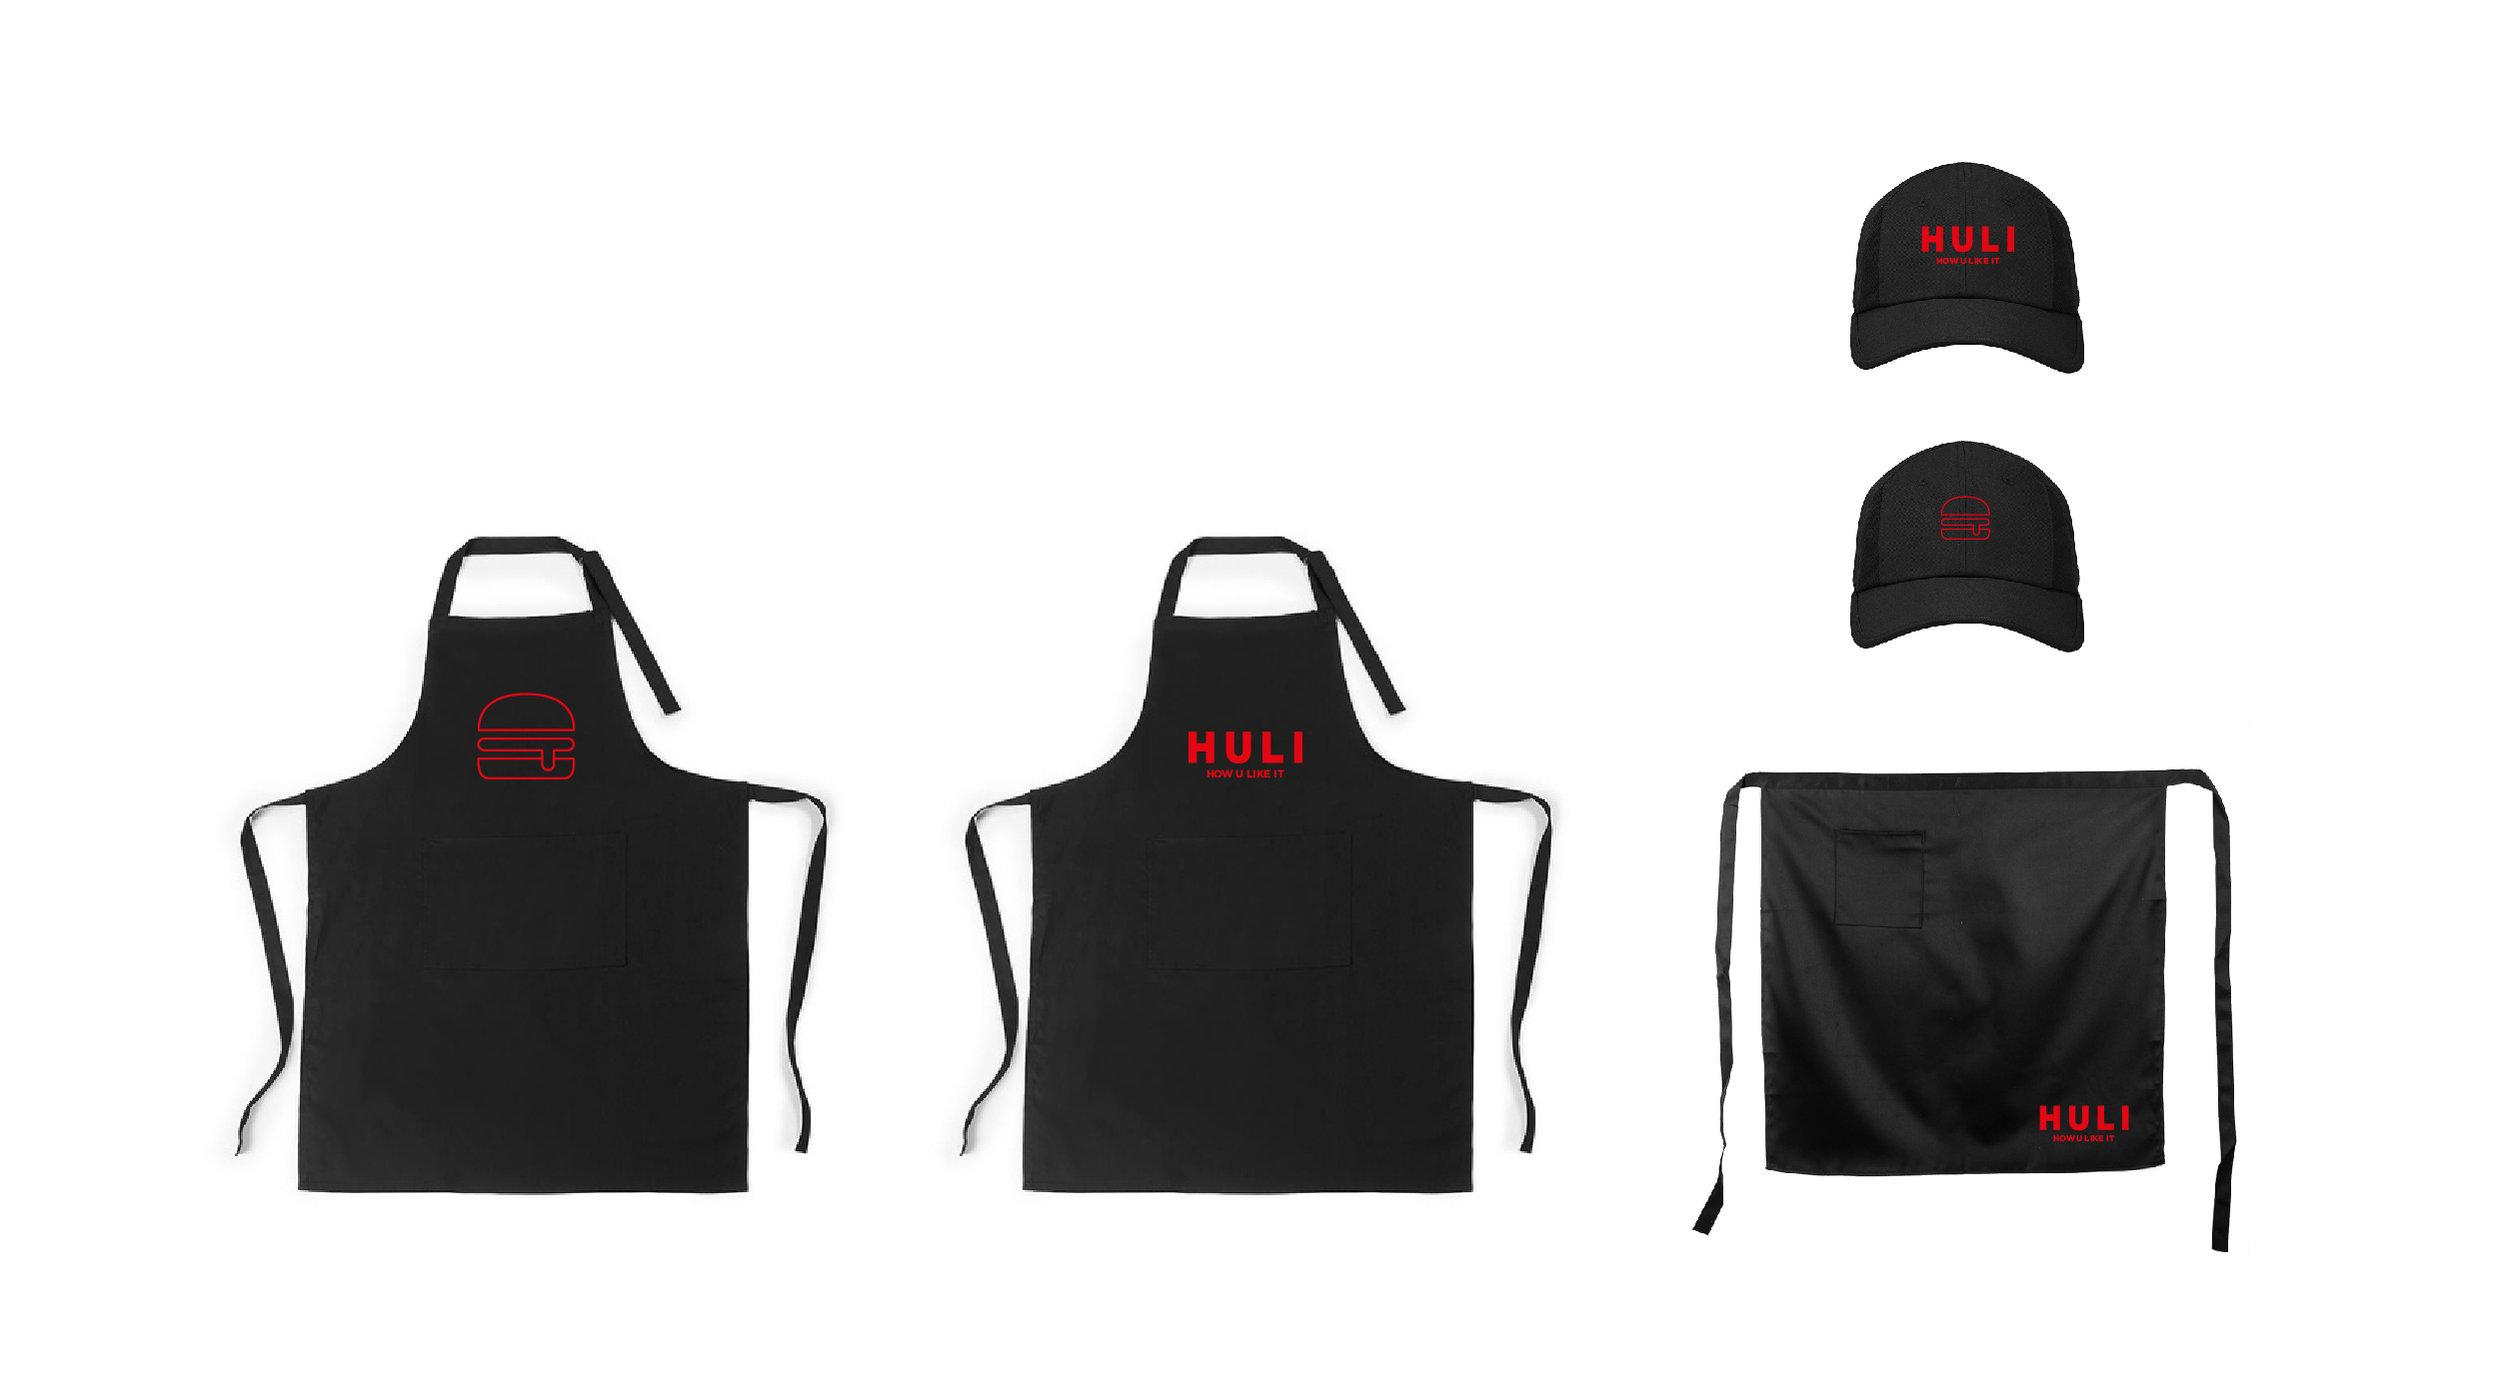 LMPP HULI BURGERS Uniform.jpg